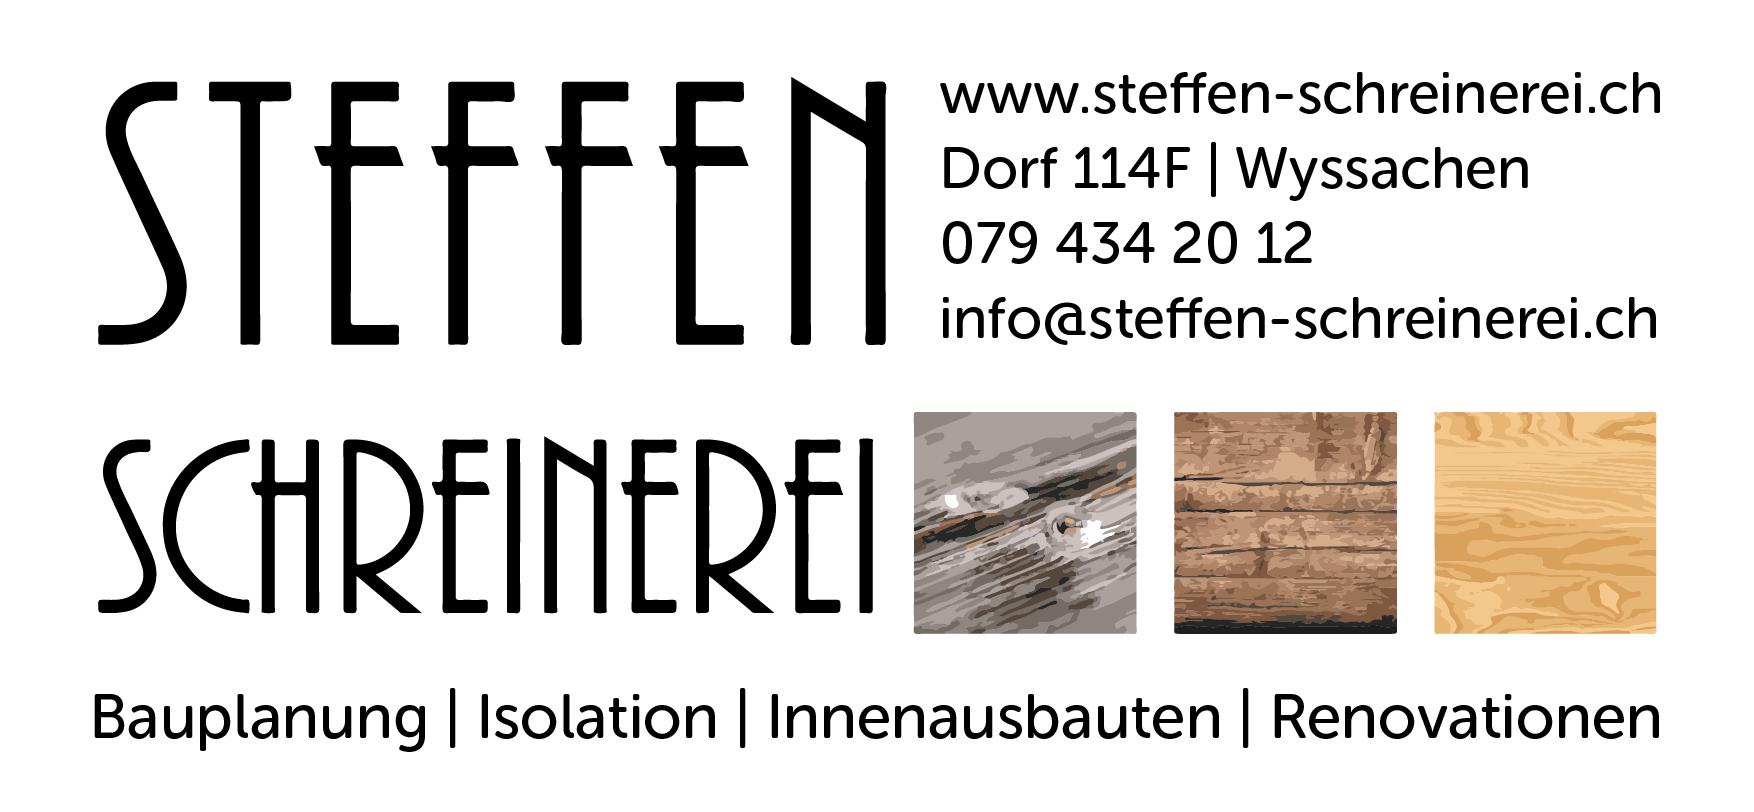 Schreinerei_steffen-01-01-01.png